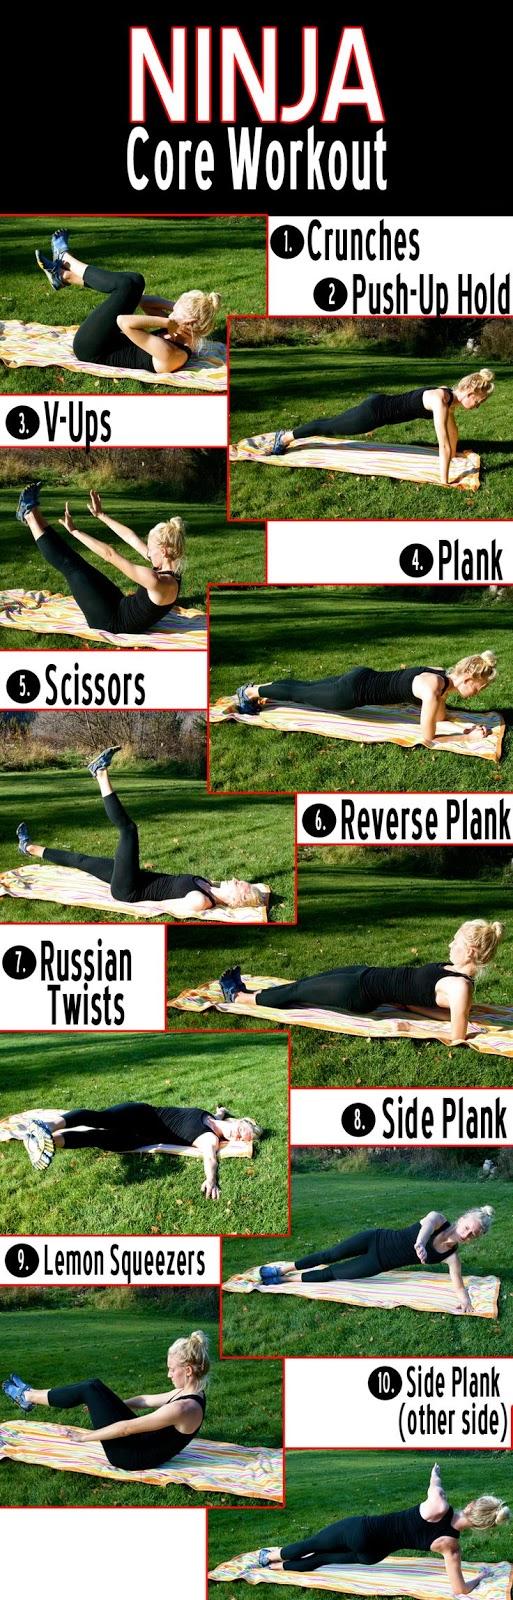 Ninja Core Workout